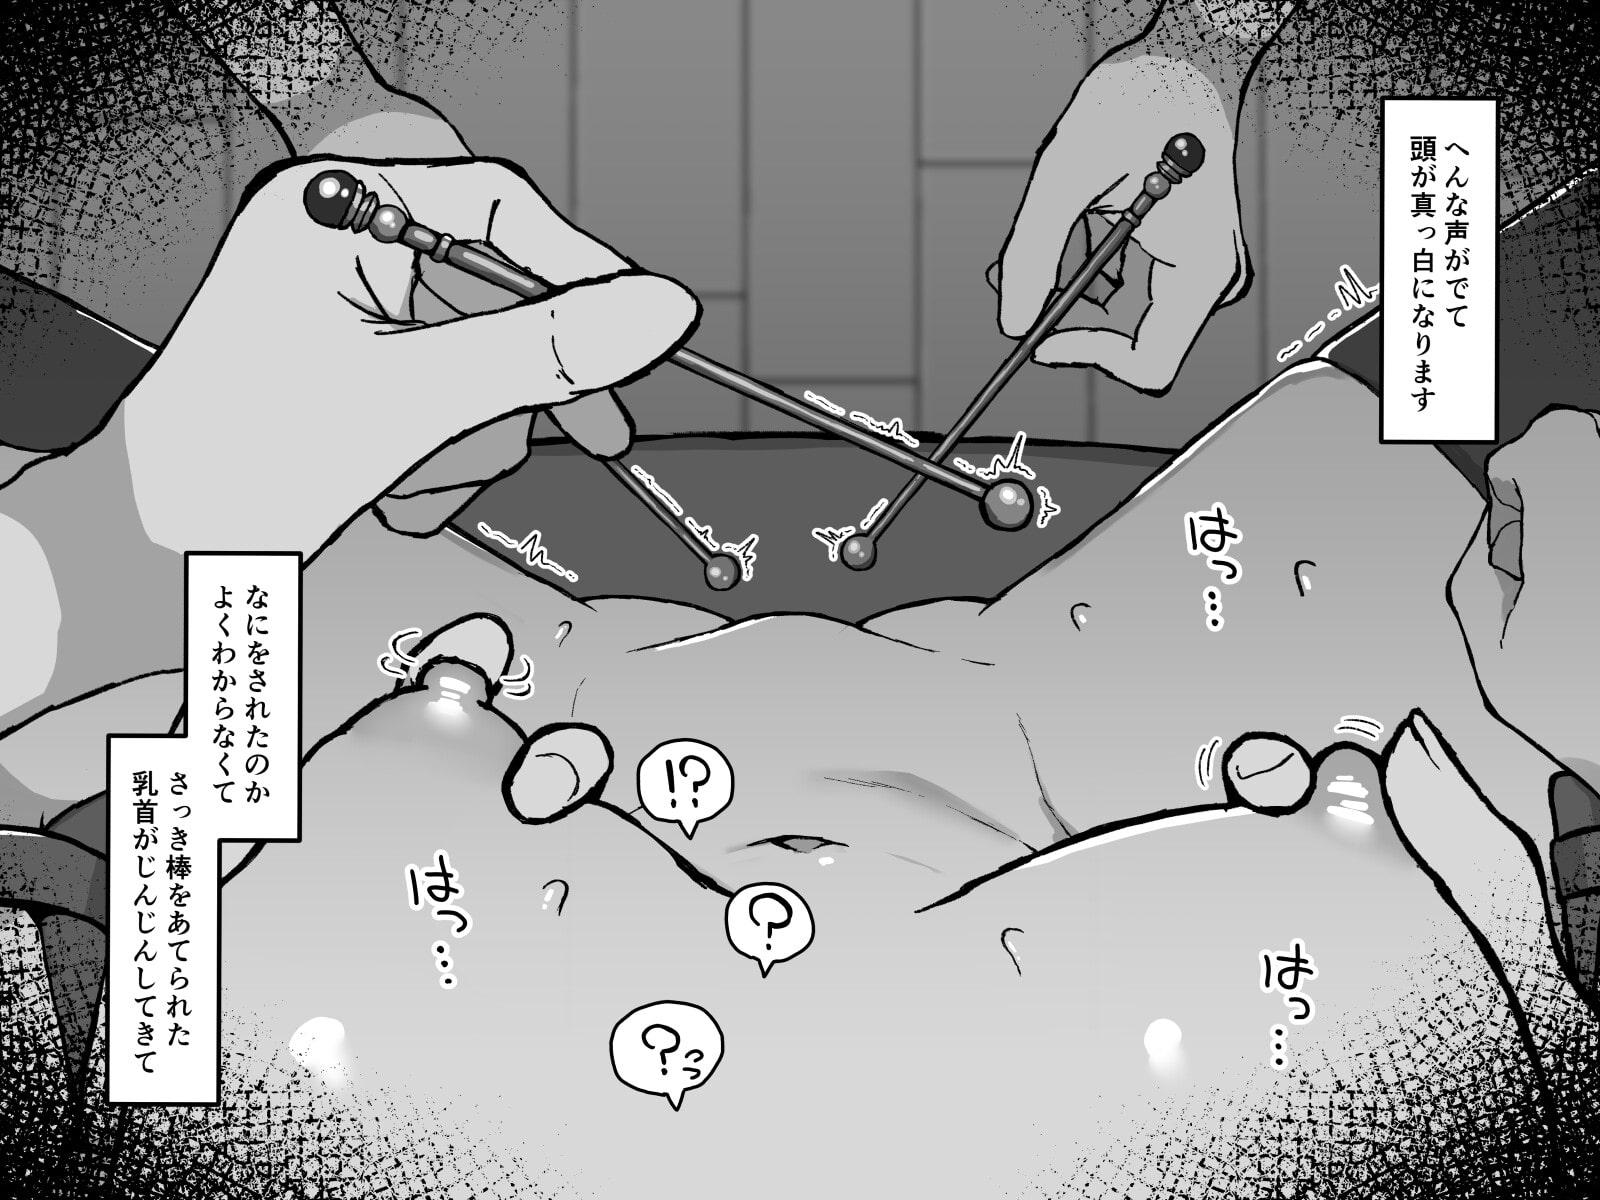 クリトリスの秘密鍛練マッサージ2